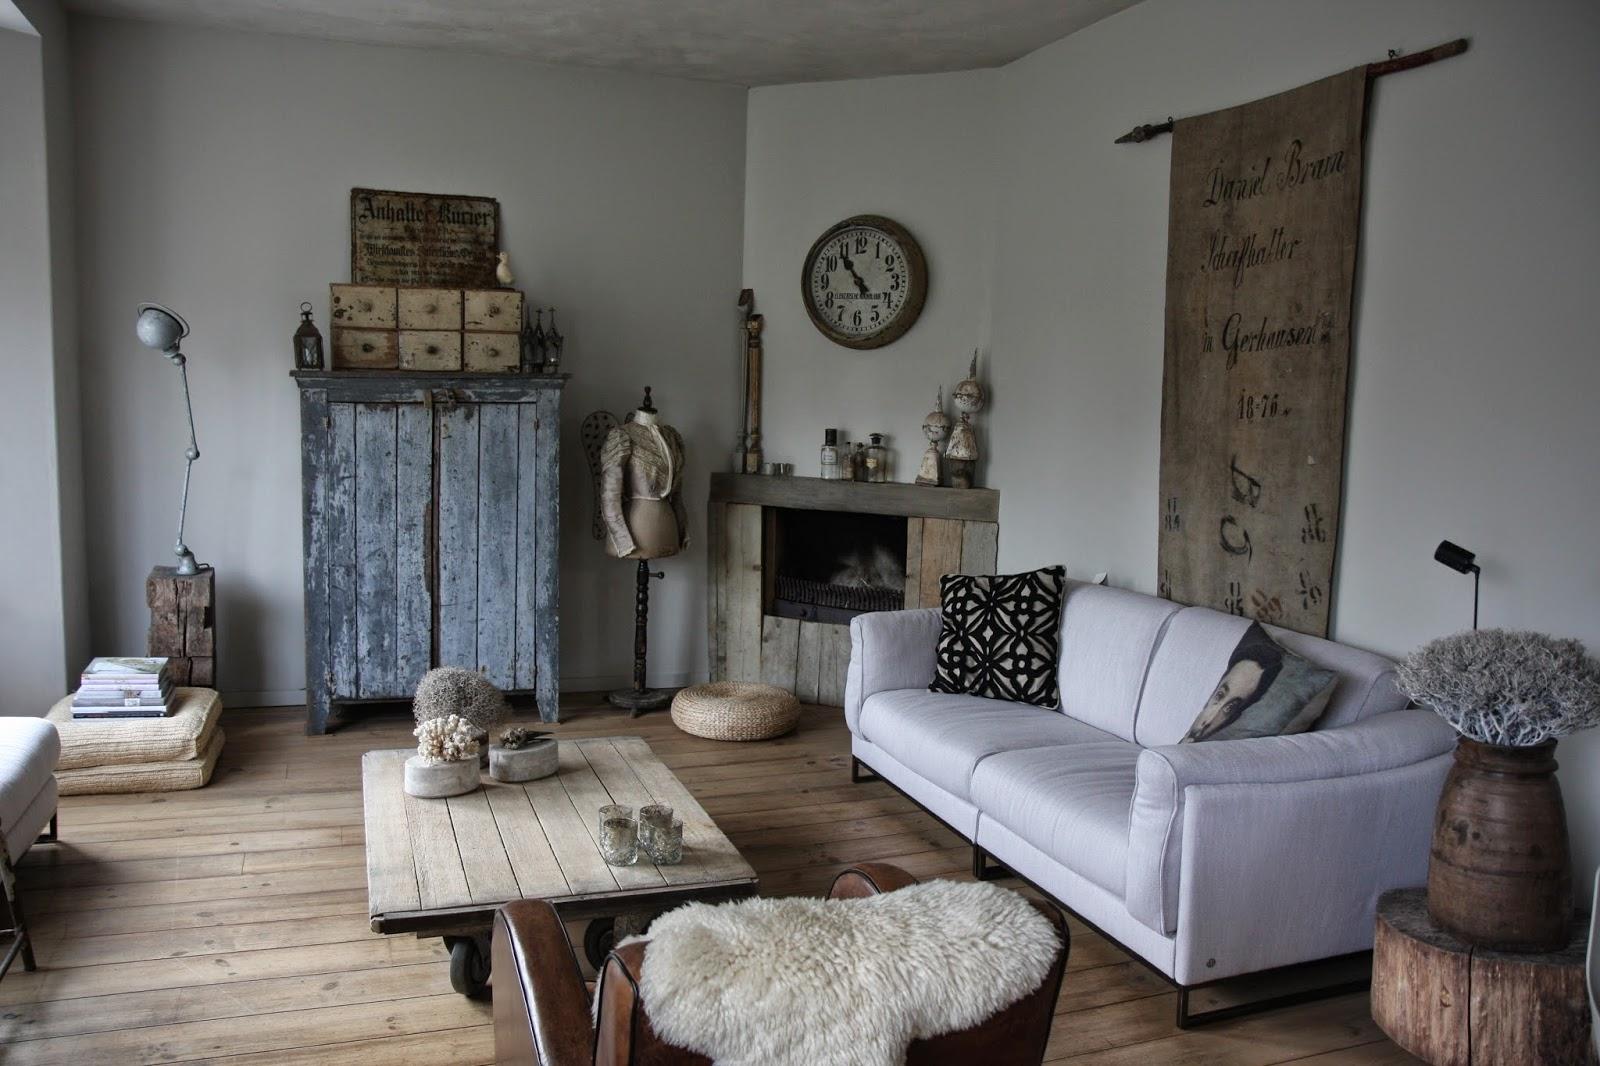 De tuinkamer huiskamer in voorjaar zomer look for Huiskamer opnieuw inrichten